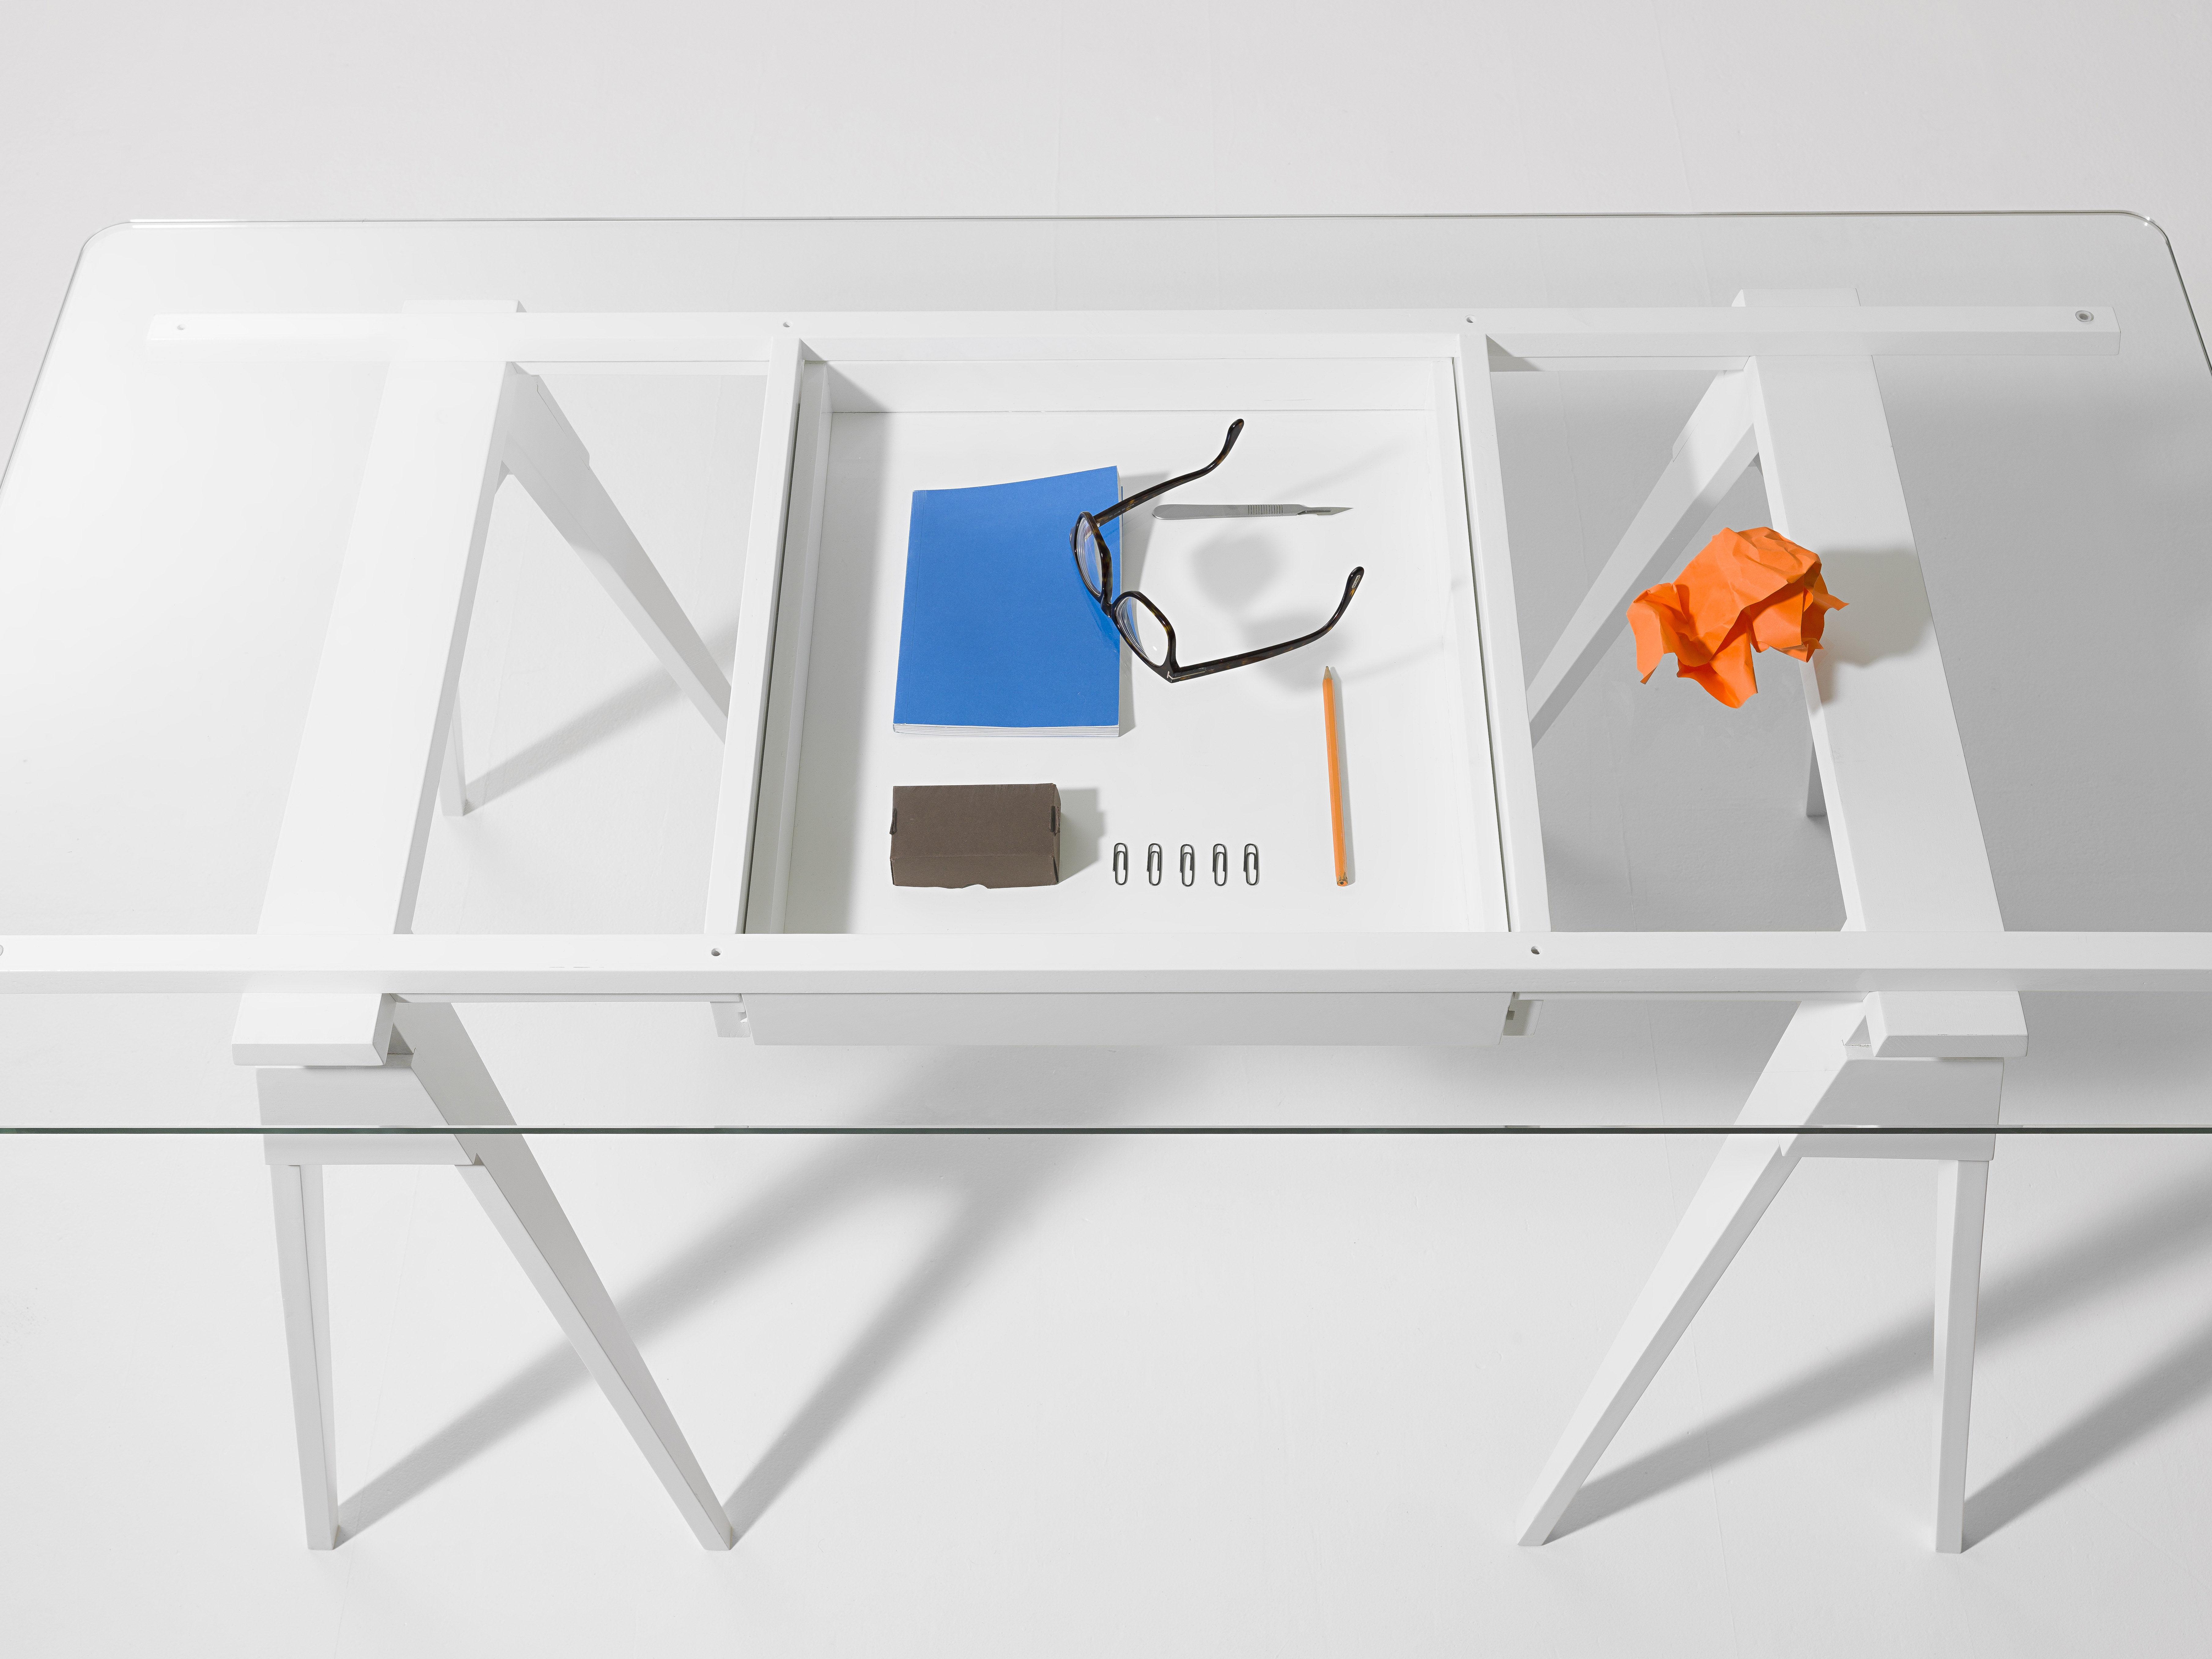 Plateau verre pour bureau arco 150 x 75 cm plateau verre transparent - Plateau verre pour bureau ...